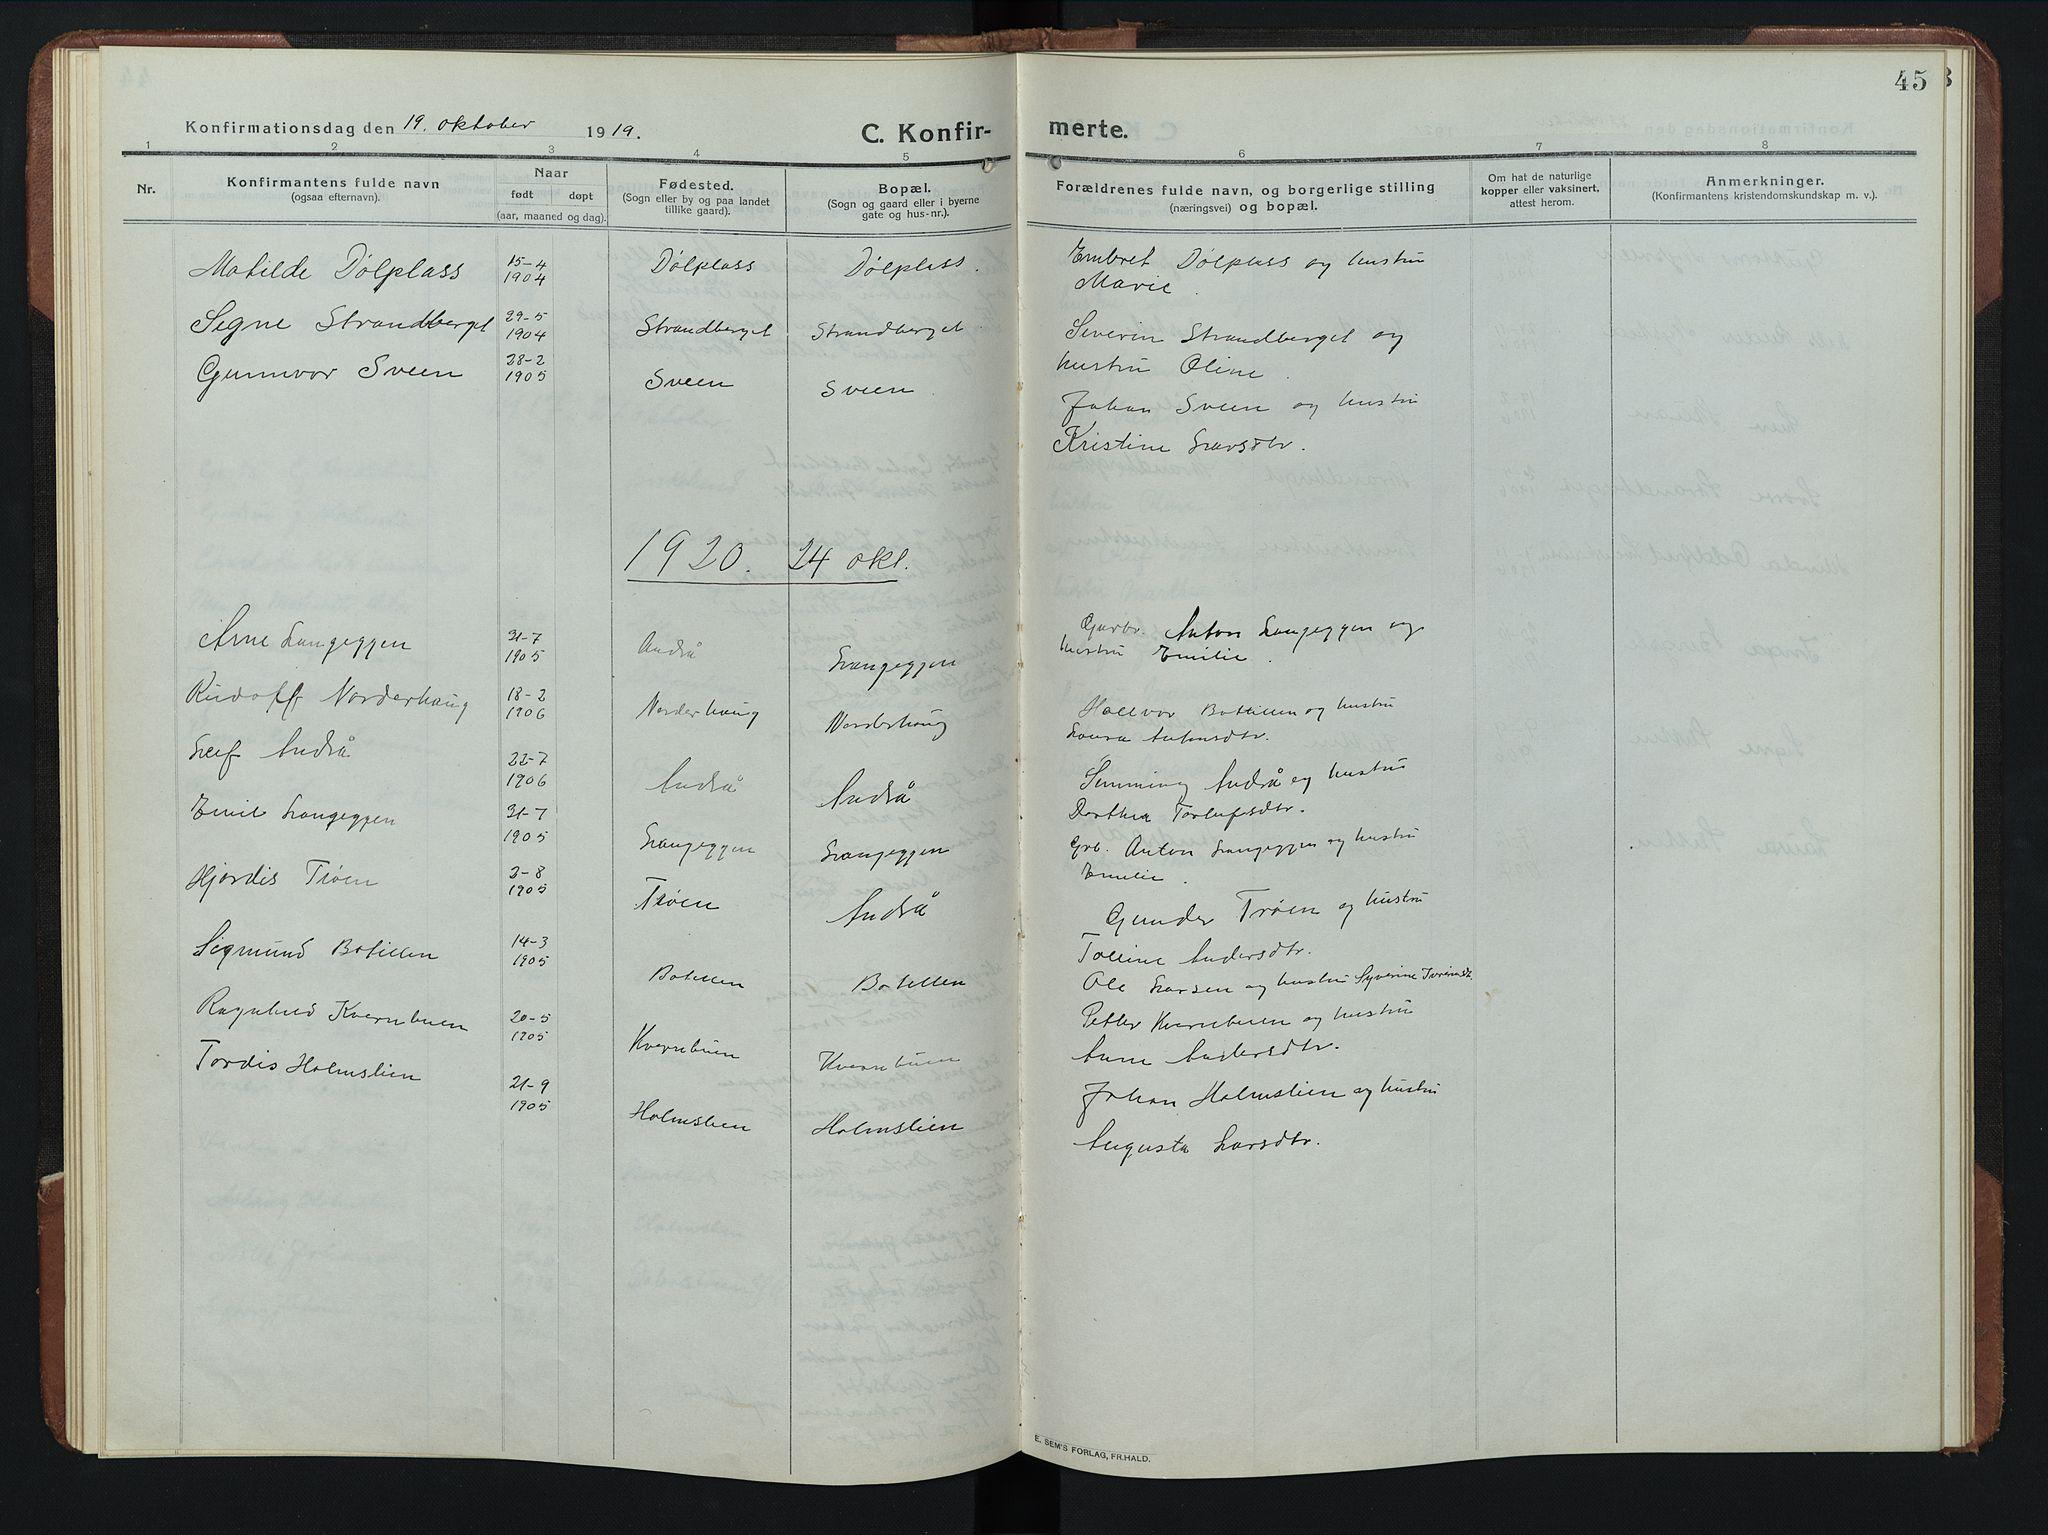 SAH, Rendalen prestekontor, H/Ha/Hab/L0008: Klokkerbok nr. 8, 1914-1948, s. 45